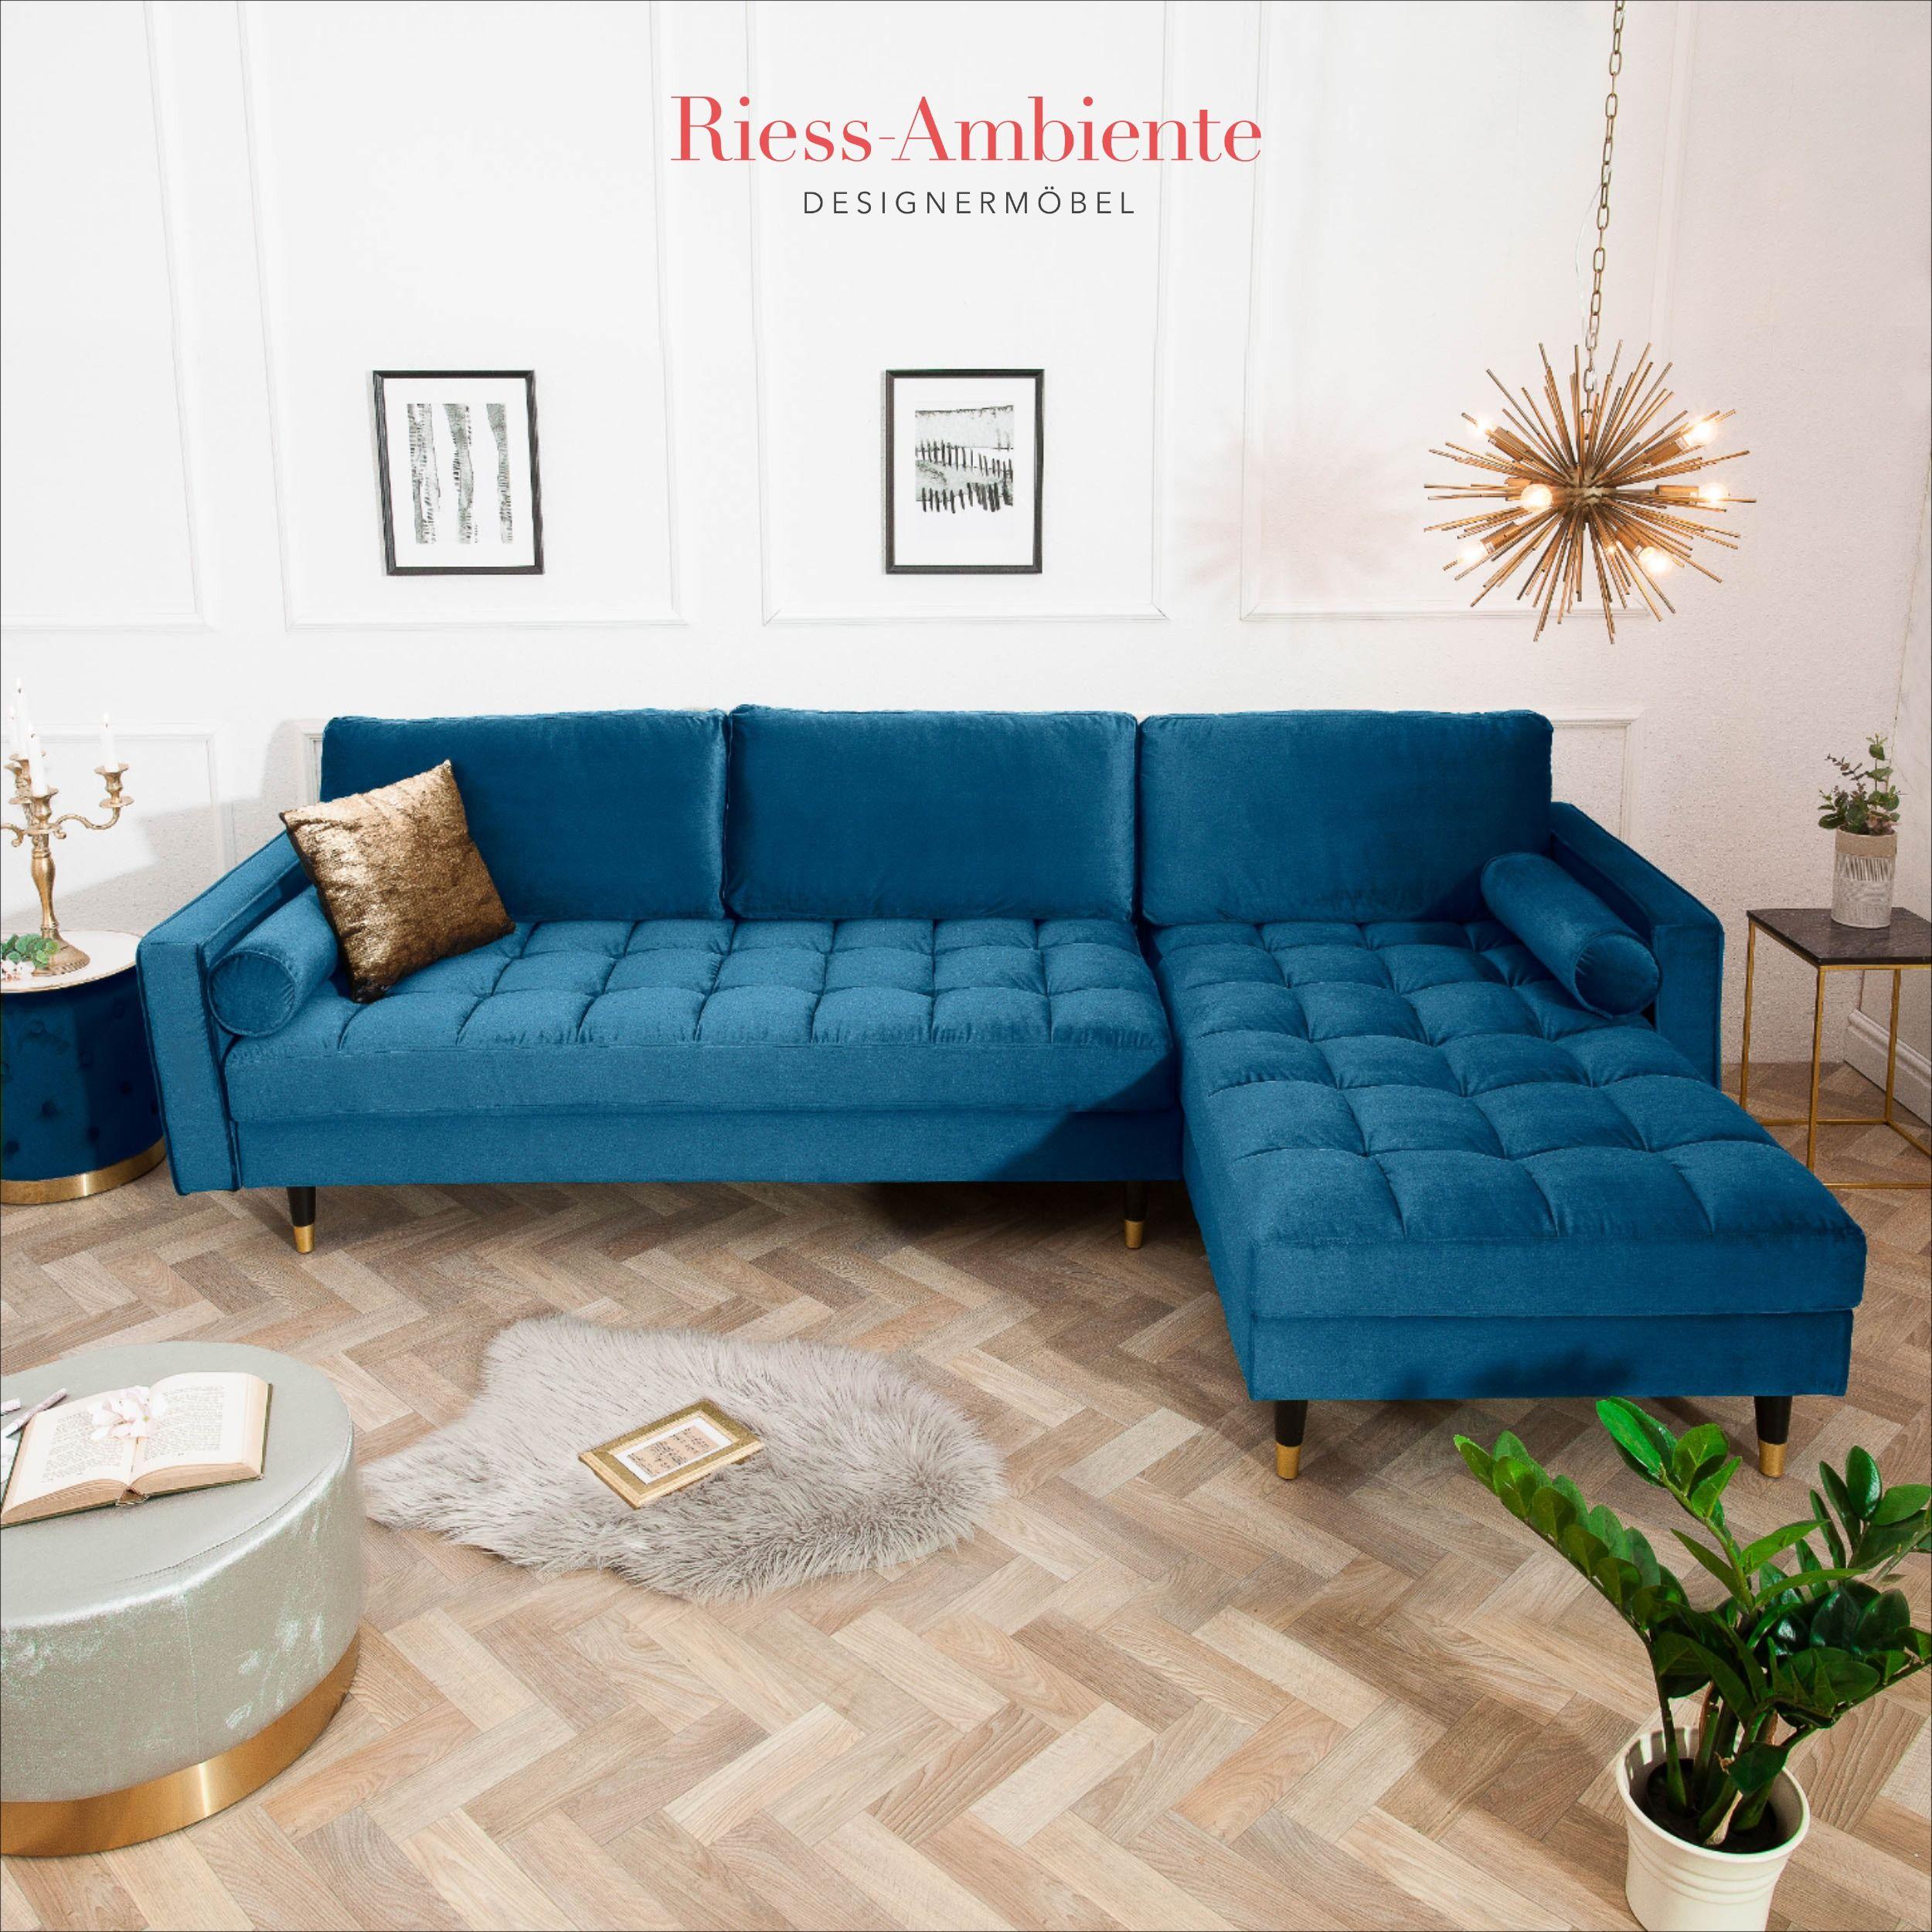 Elegantes Ecksofa Cozy Velvet 260cm Dunkelblau Samt Federkern 3er Sofa Riess Ambiente De In 2020 3er Sofa Hochglanz Mobel Ecksofa